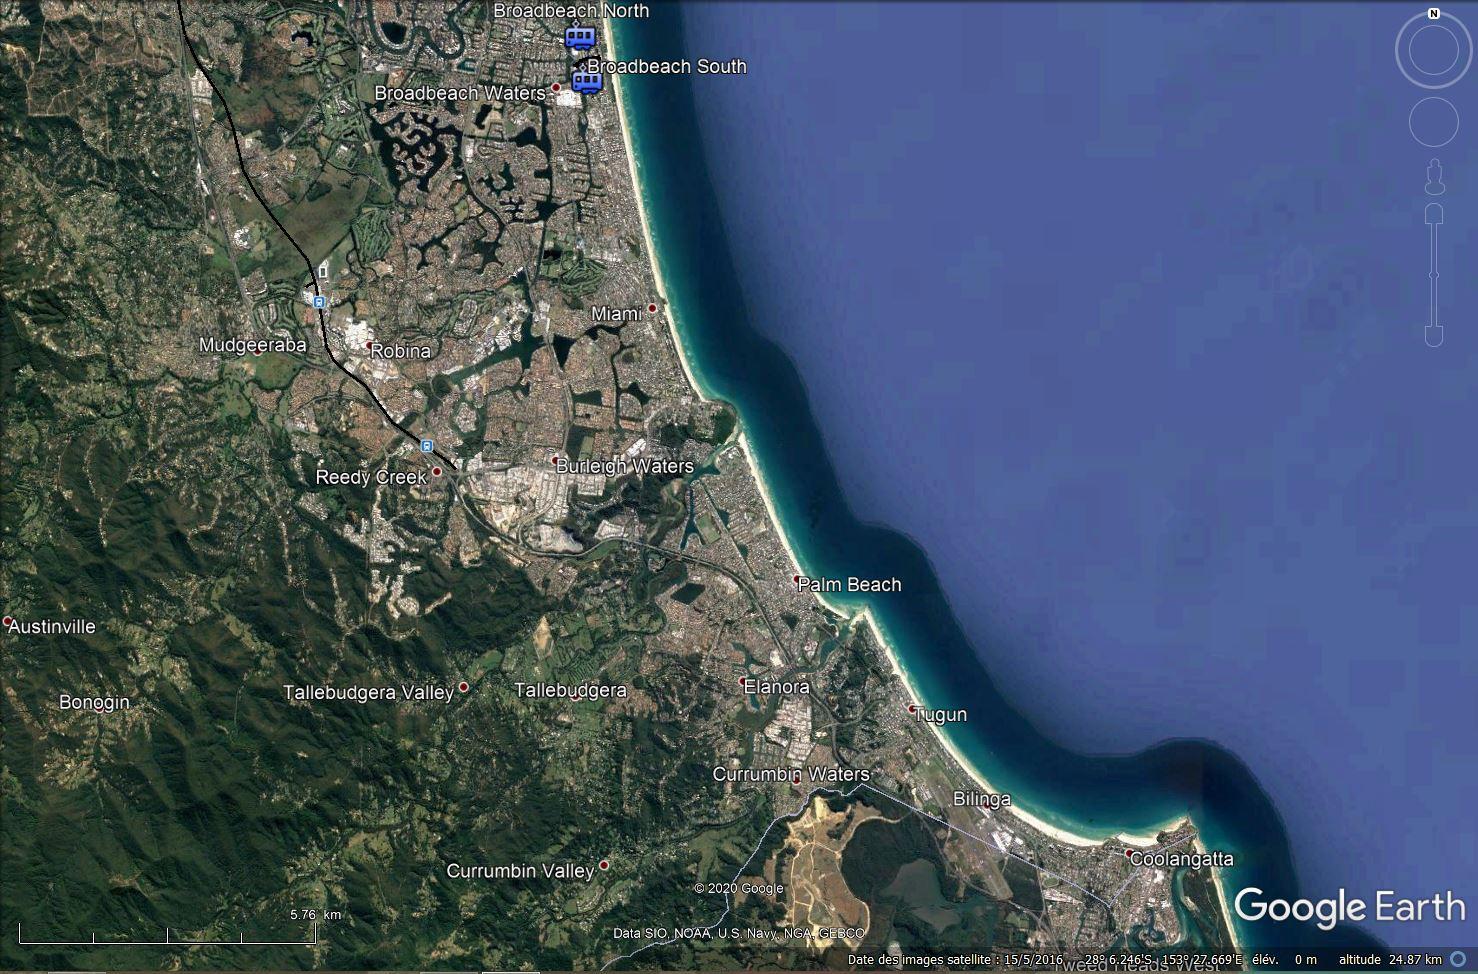 RideTheG - Le direct pour les plages de la Gold Coast - Page 3 Tsge1521